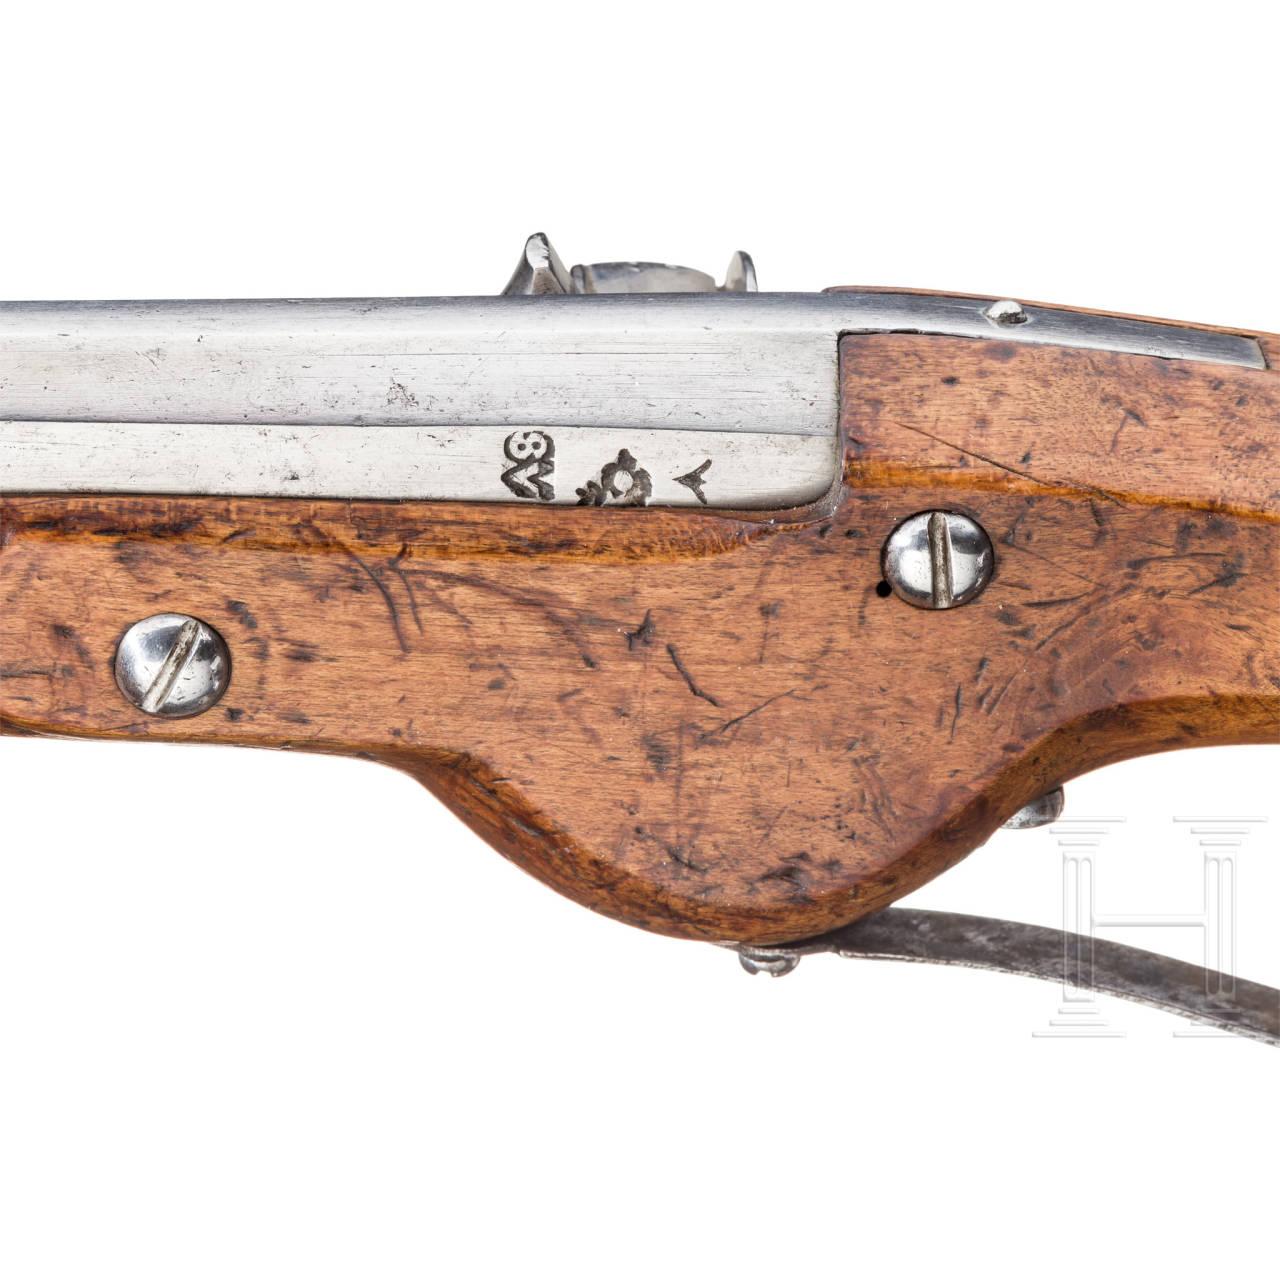 Militärische Radschlosspistole, Suhl, um 1630/40